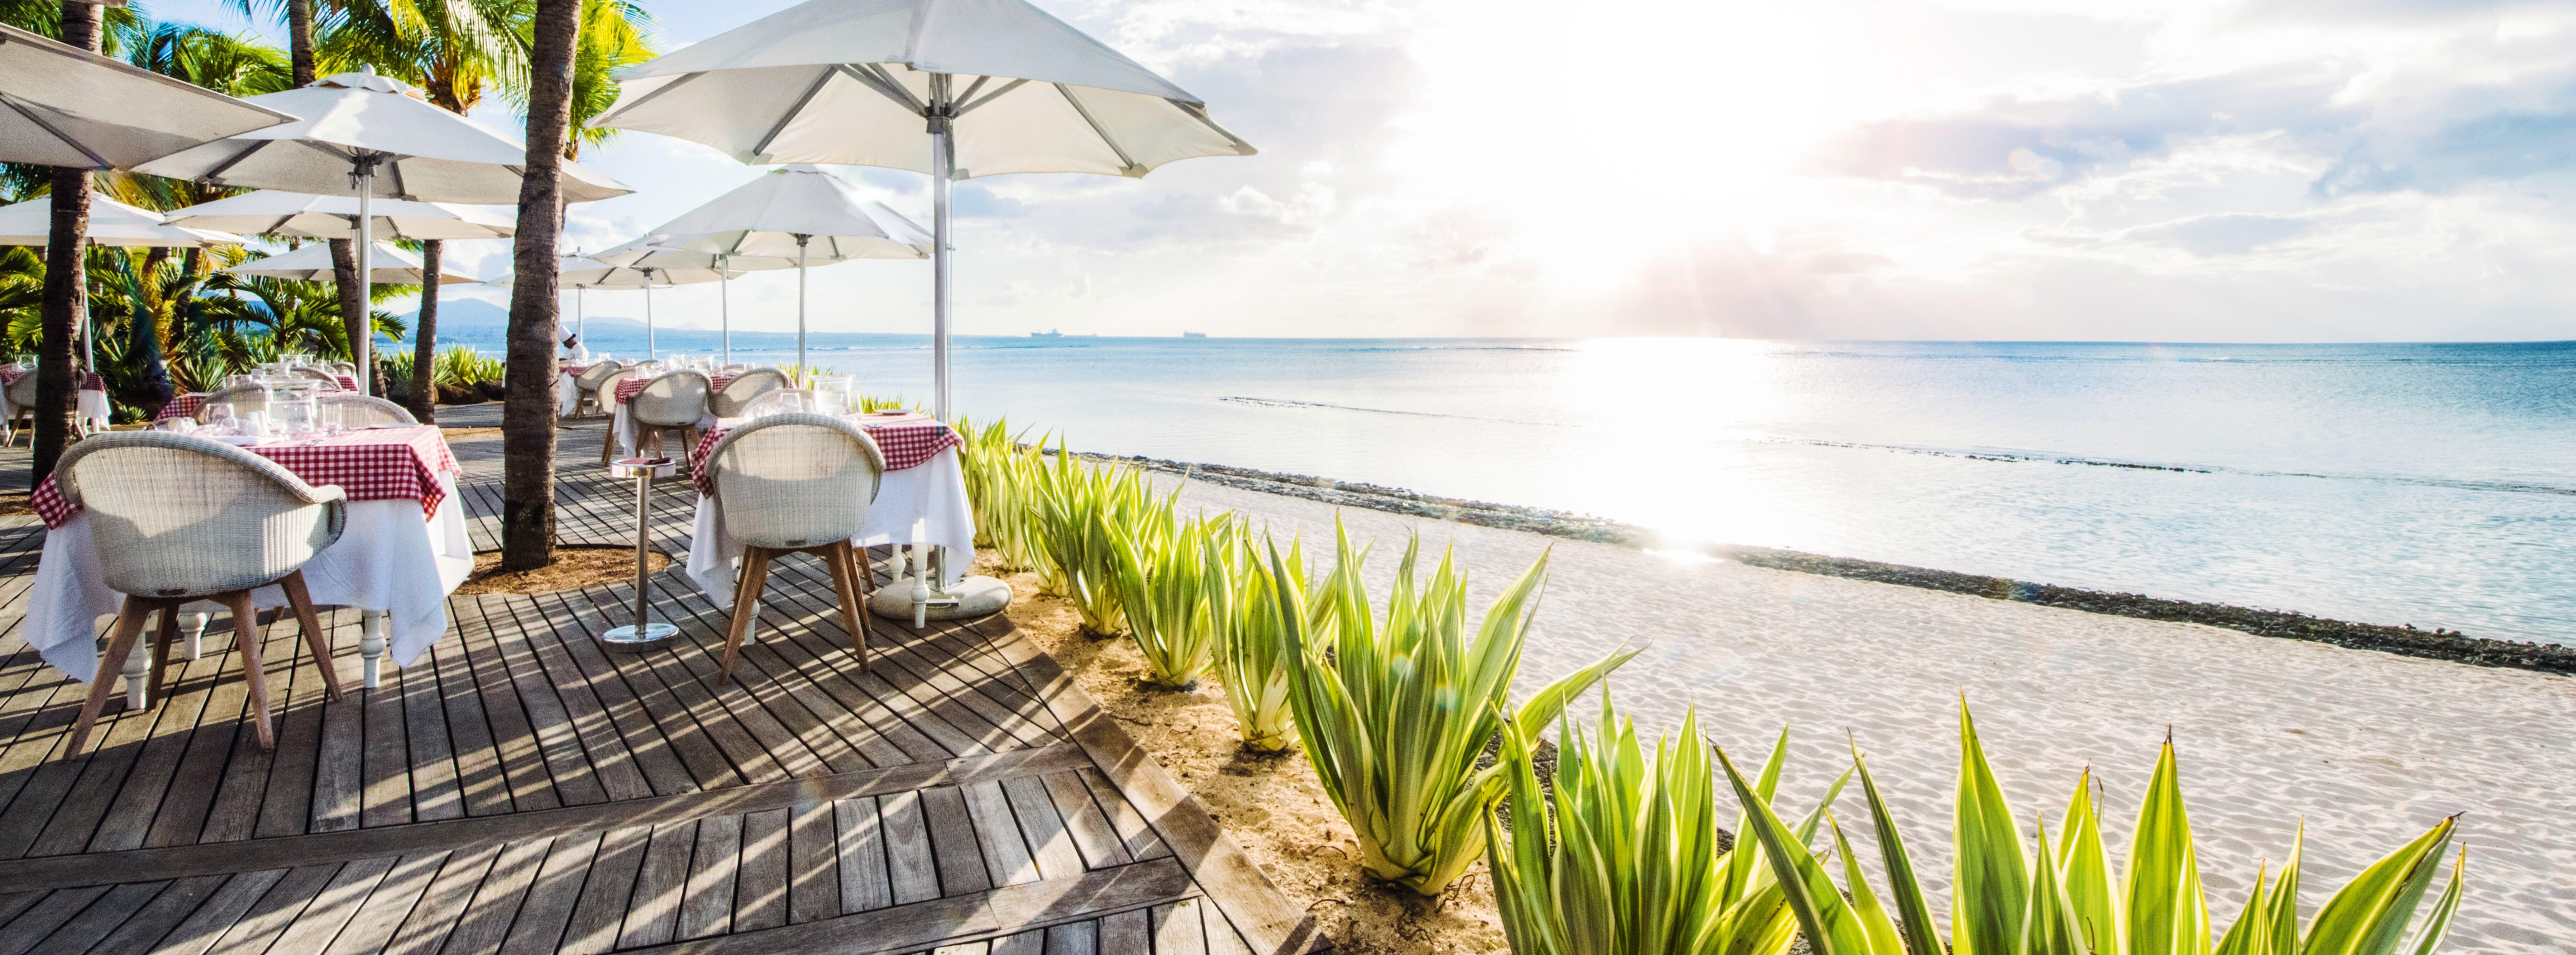 victoria-mauritius-casa-restaurant